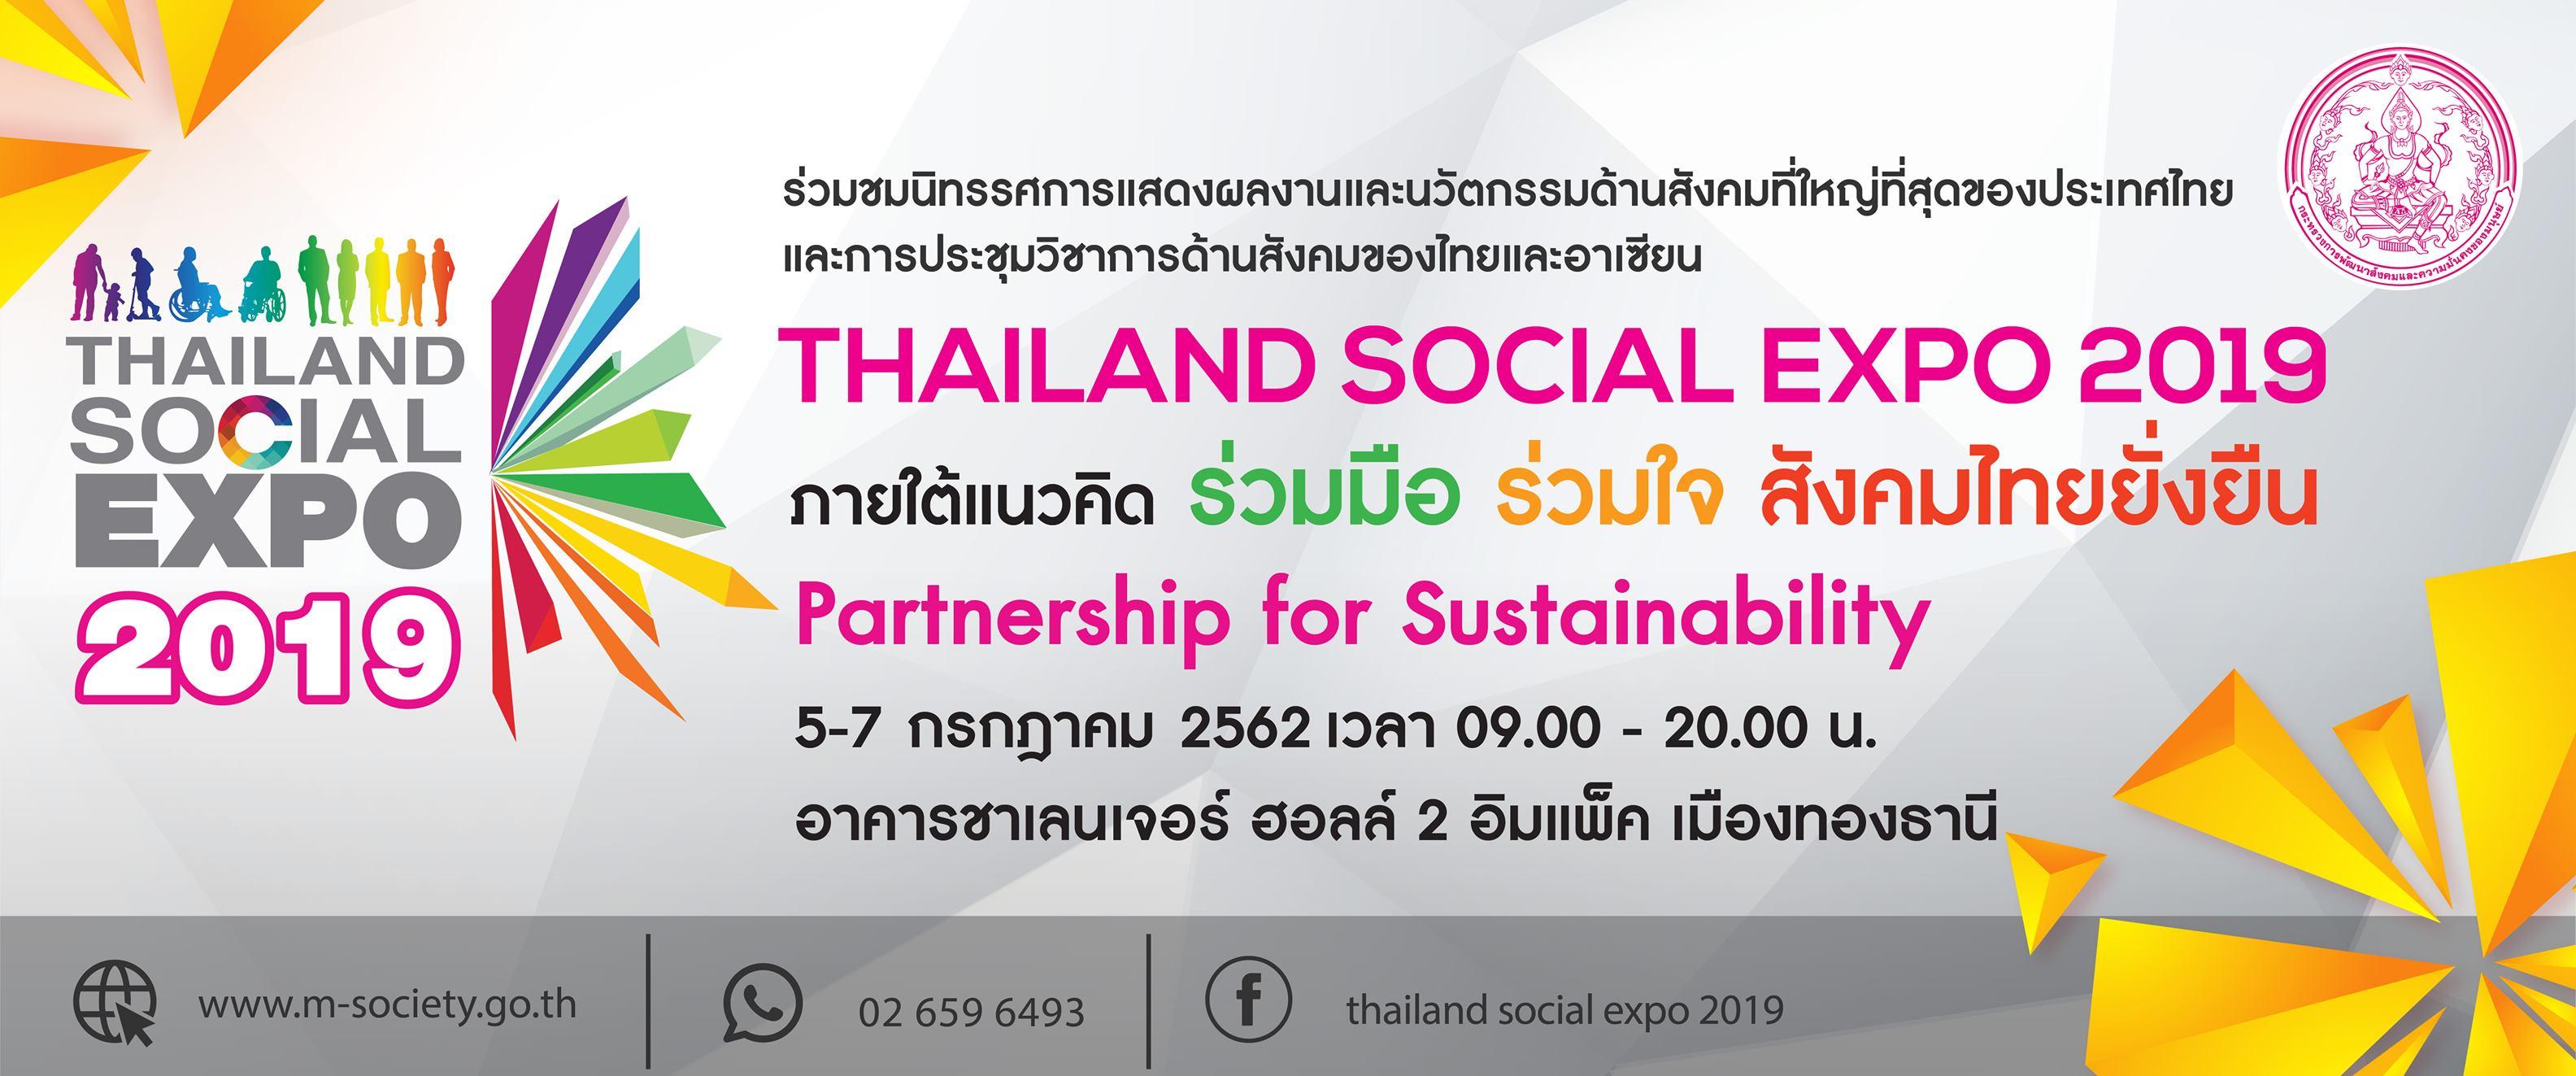 Thailand Social Expo 2019